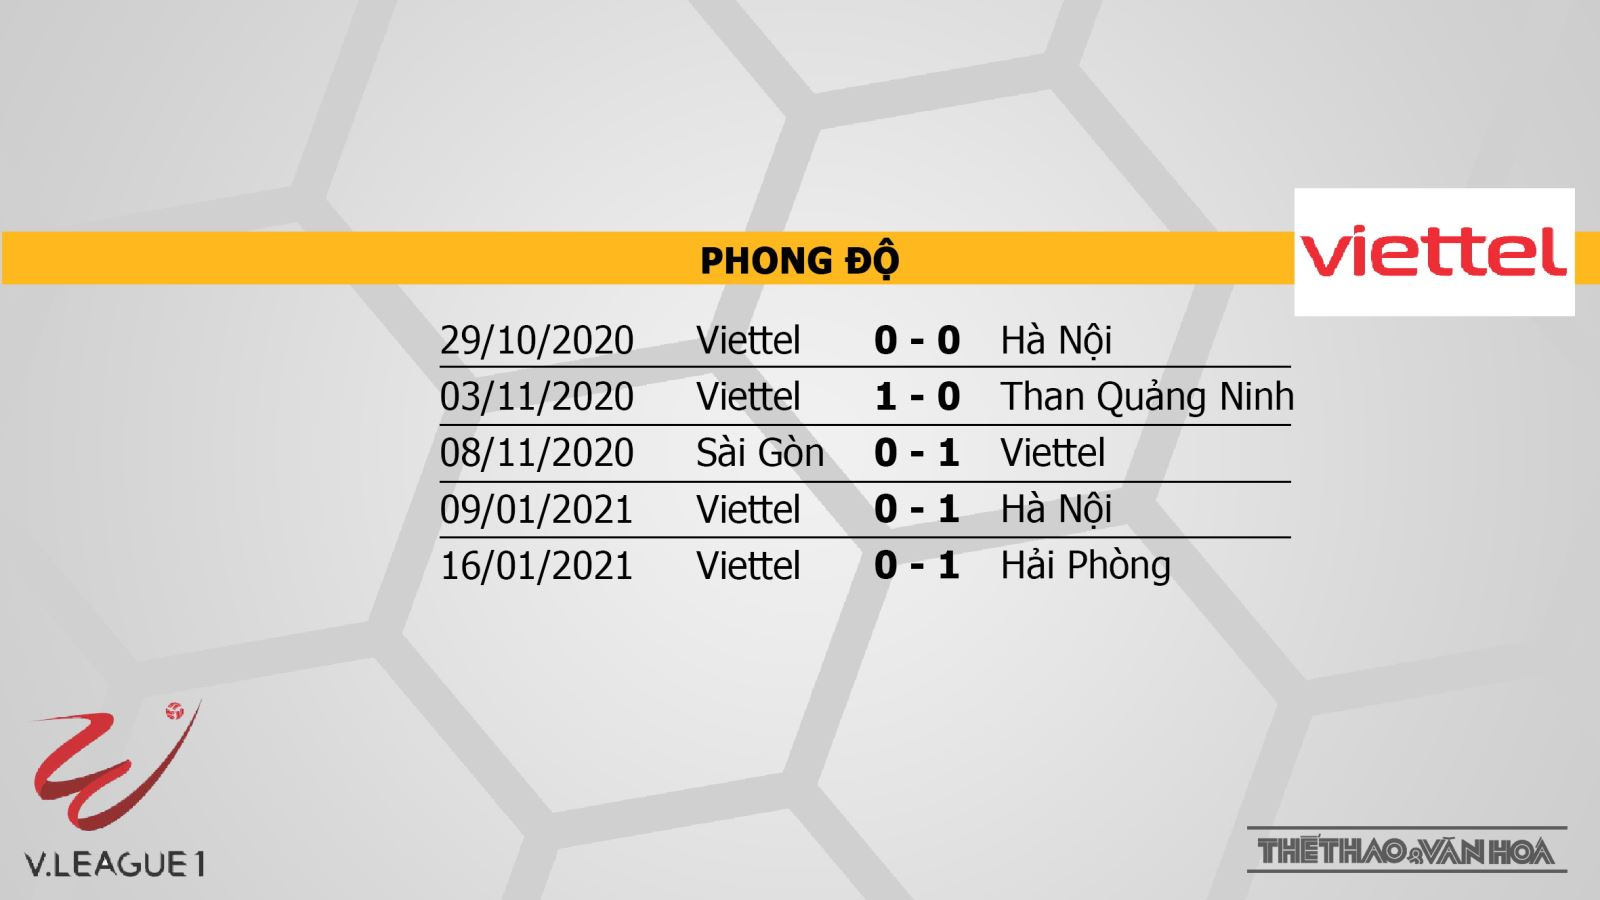 Keo nha cai, Kèo nhà cái, Thanh Hóa vs Viettel, trực tiếp bóng đá, VTV6, BĐTV, VTC3, Trực tiếp bóng đá Việt Nam 2021, xem trực tiếp Thanh Hóa vs Viettel, kèo bóng đá